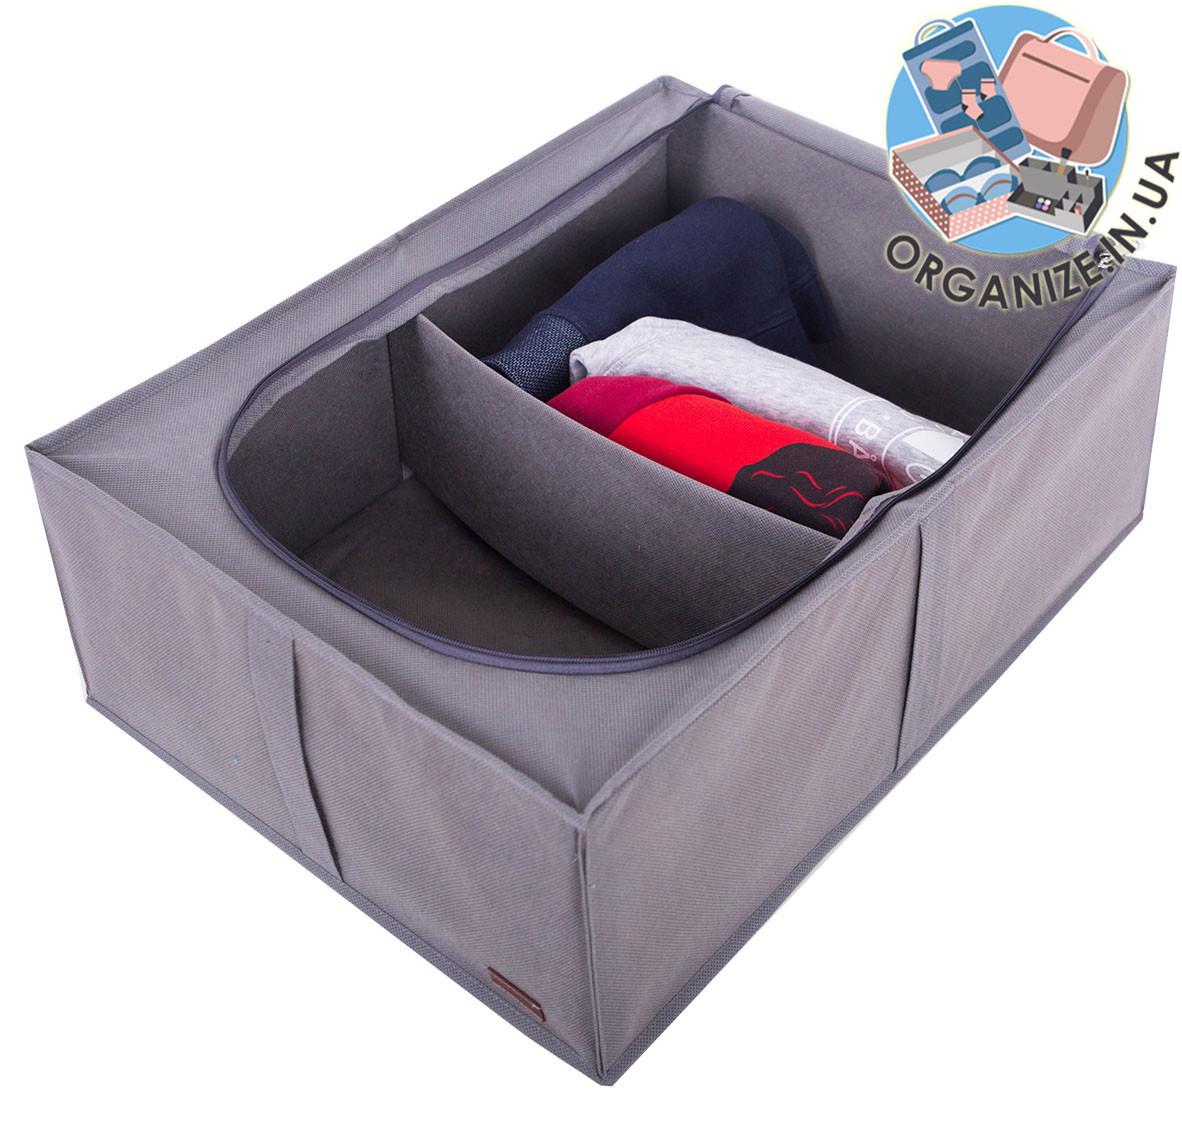 Органайзер для хранения вещей с крышкой ORGANIZE (серый)